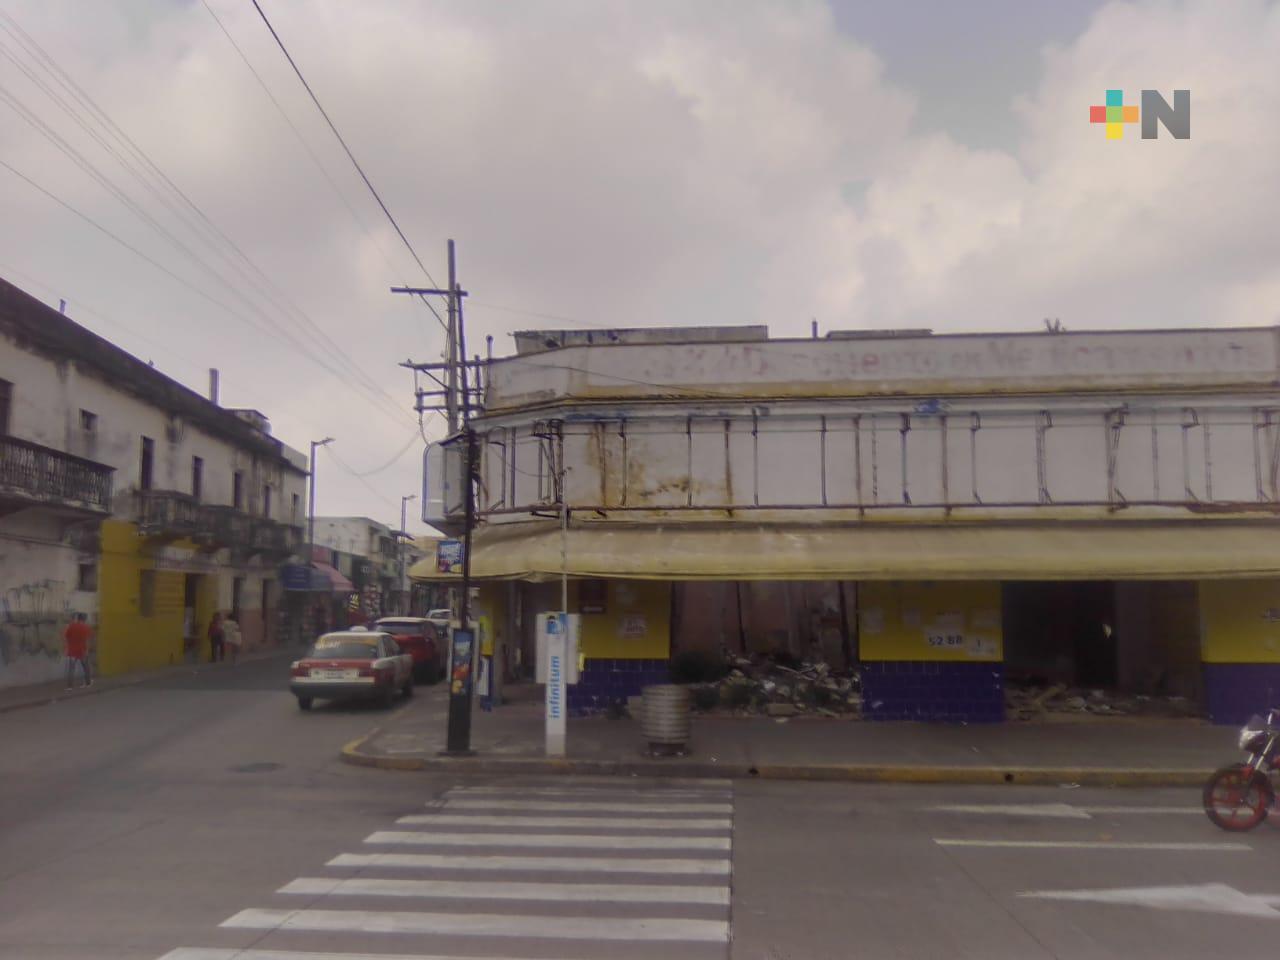 Local en ruinas provoca temor a transeúntes del puerto de Veracruz; piden mayor vigilancia